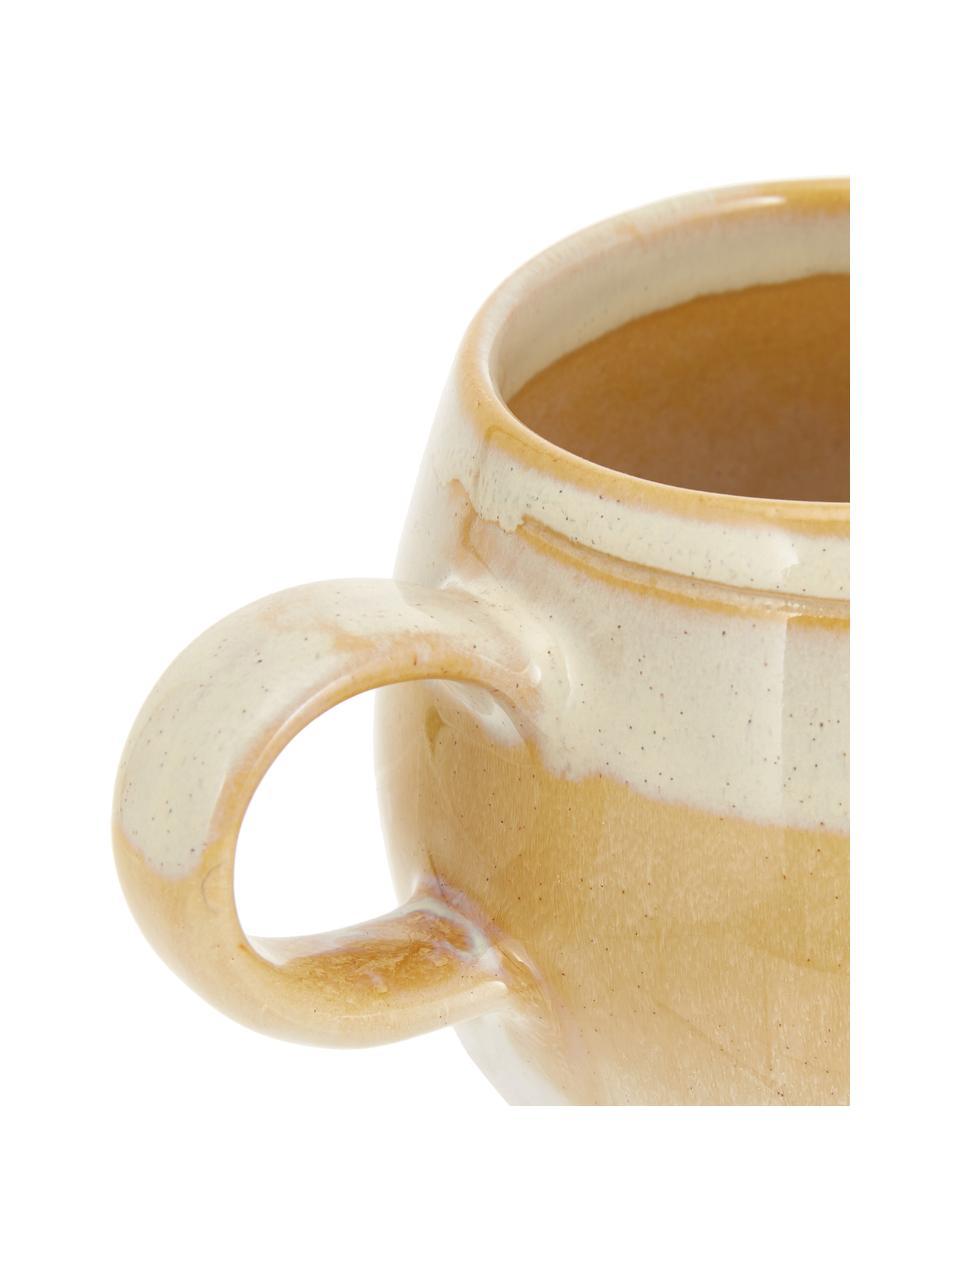 Handgemachte Tasse April mit effektvollen Farbverläufen, Steingut Eine Hälfte glasiert, eine Hälfte naturbelassen, was den Charakter der Handwerkskunst hervorhebt., Gelbtöne, Ø 9 x H 8 cm